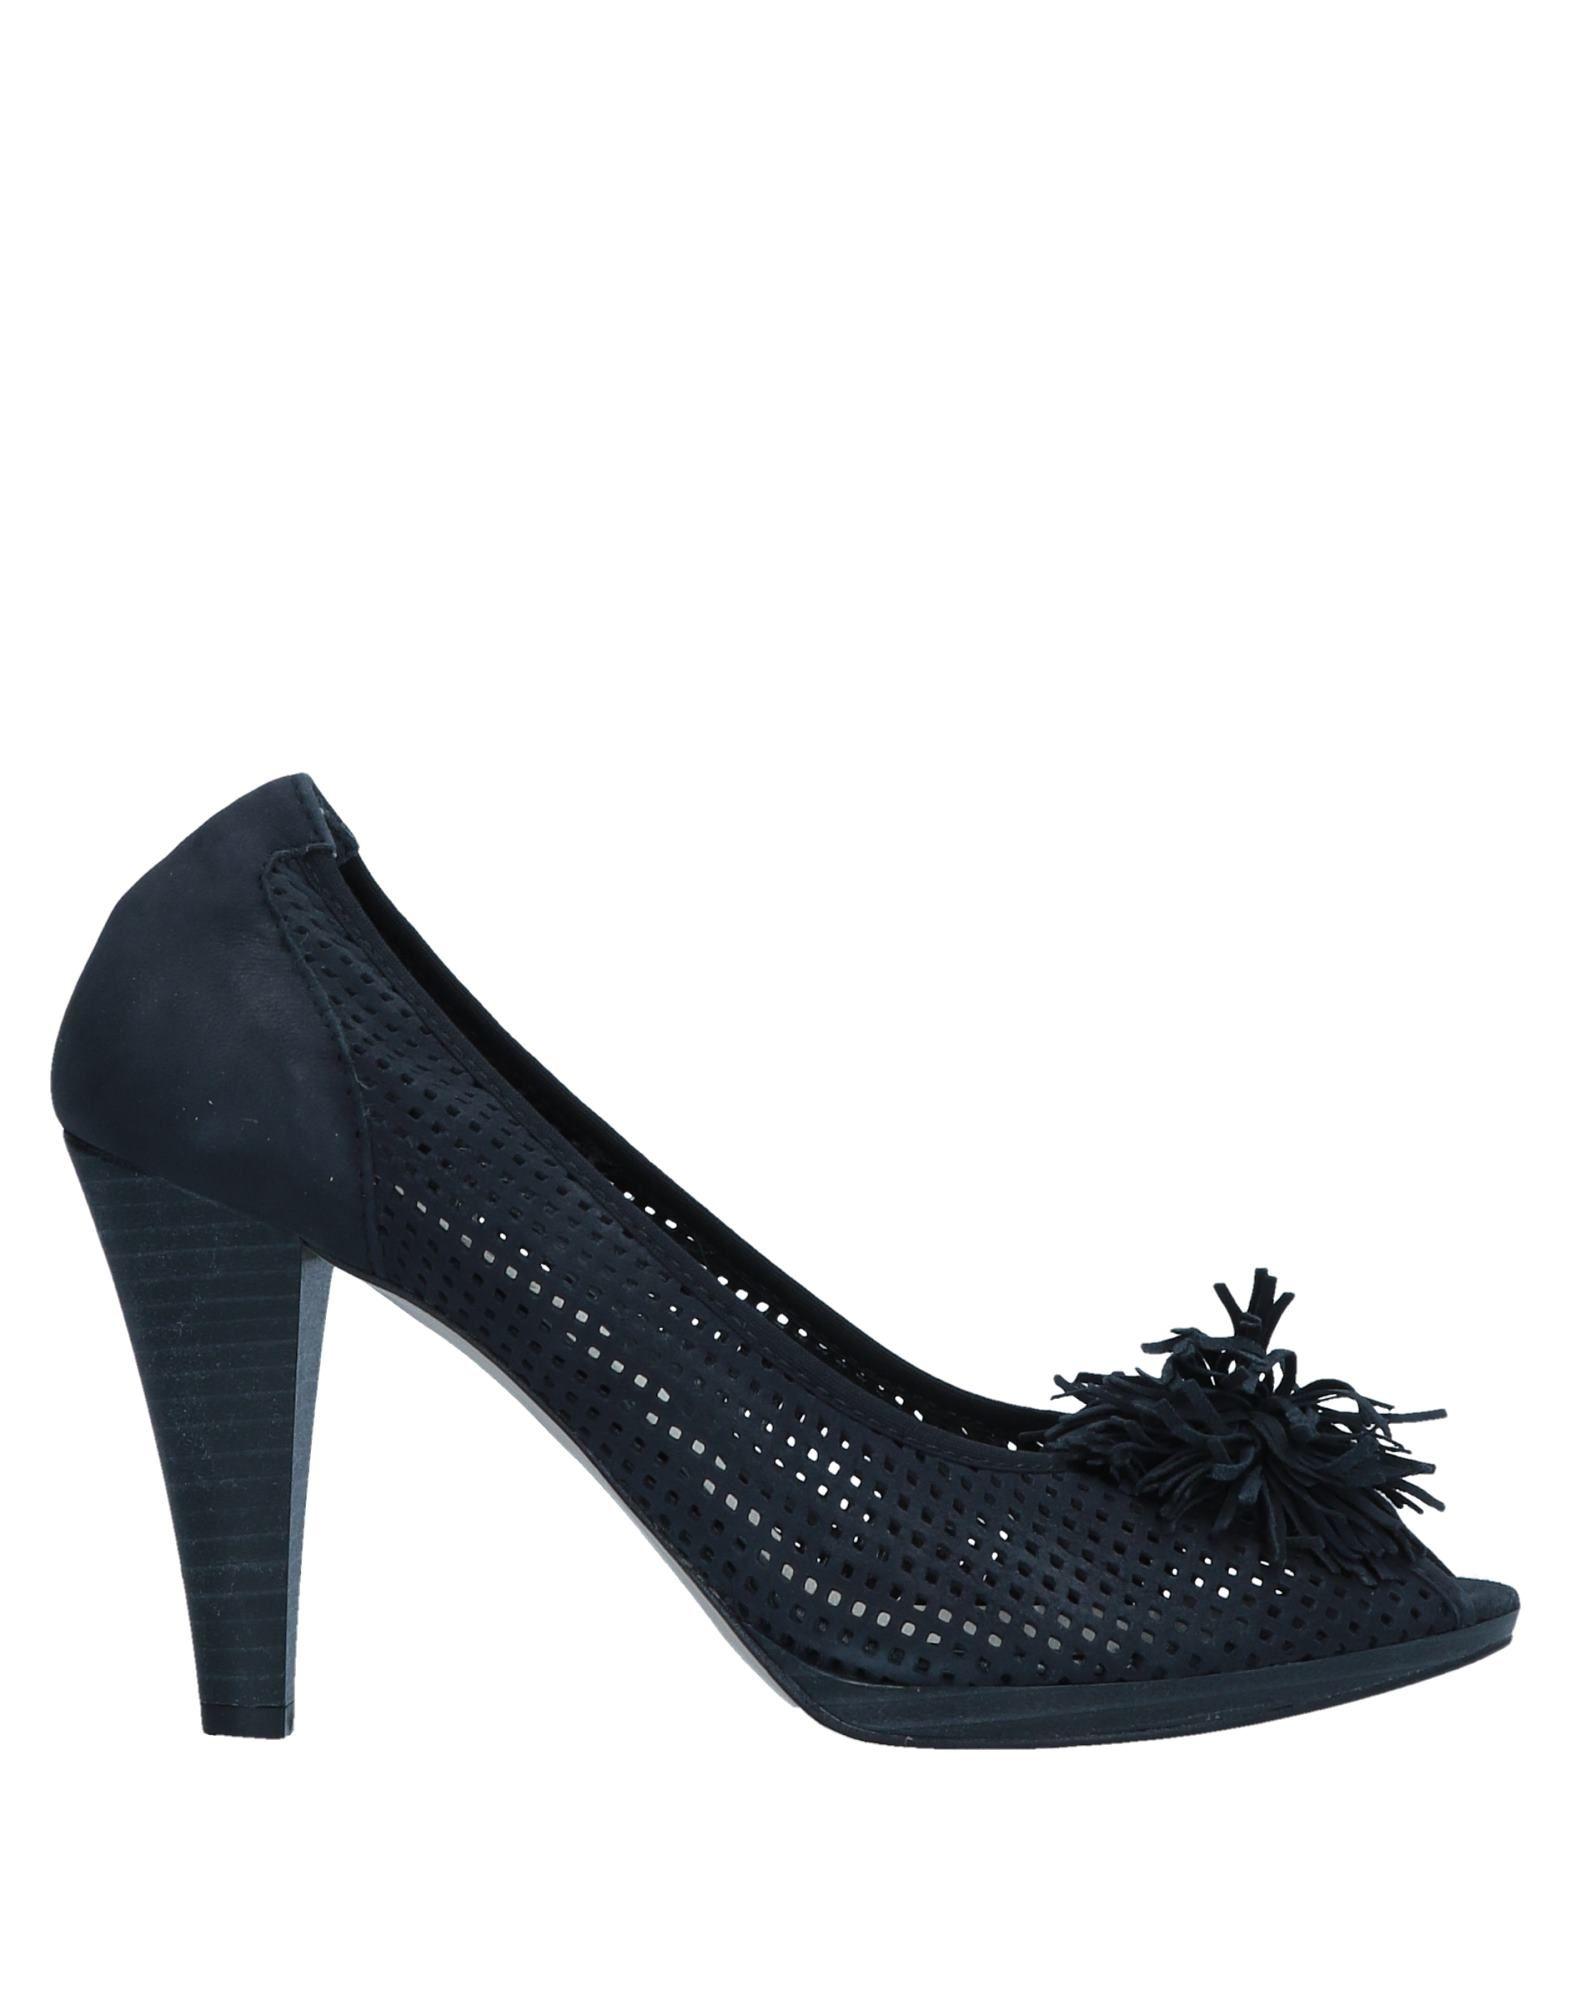 Keys Pumps Damen  11554834DI Gute Qualität beliebte Schuhe